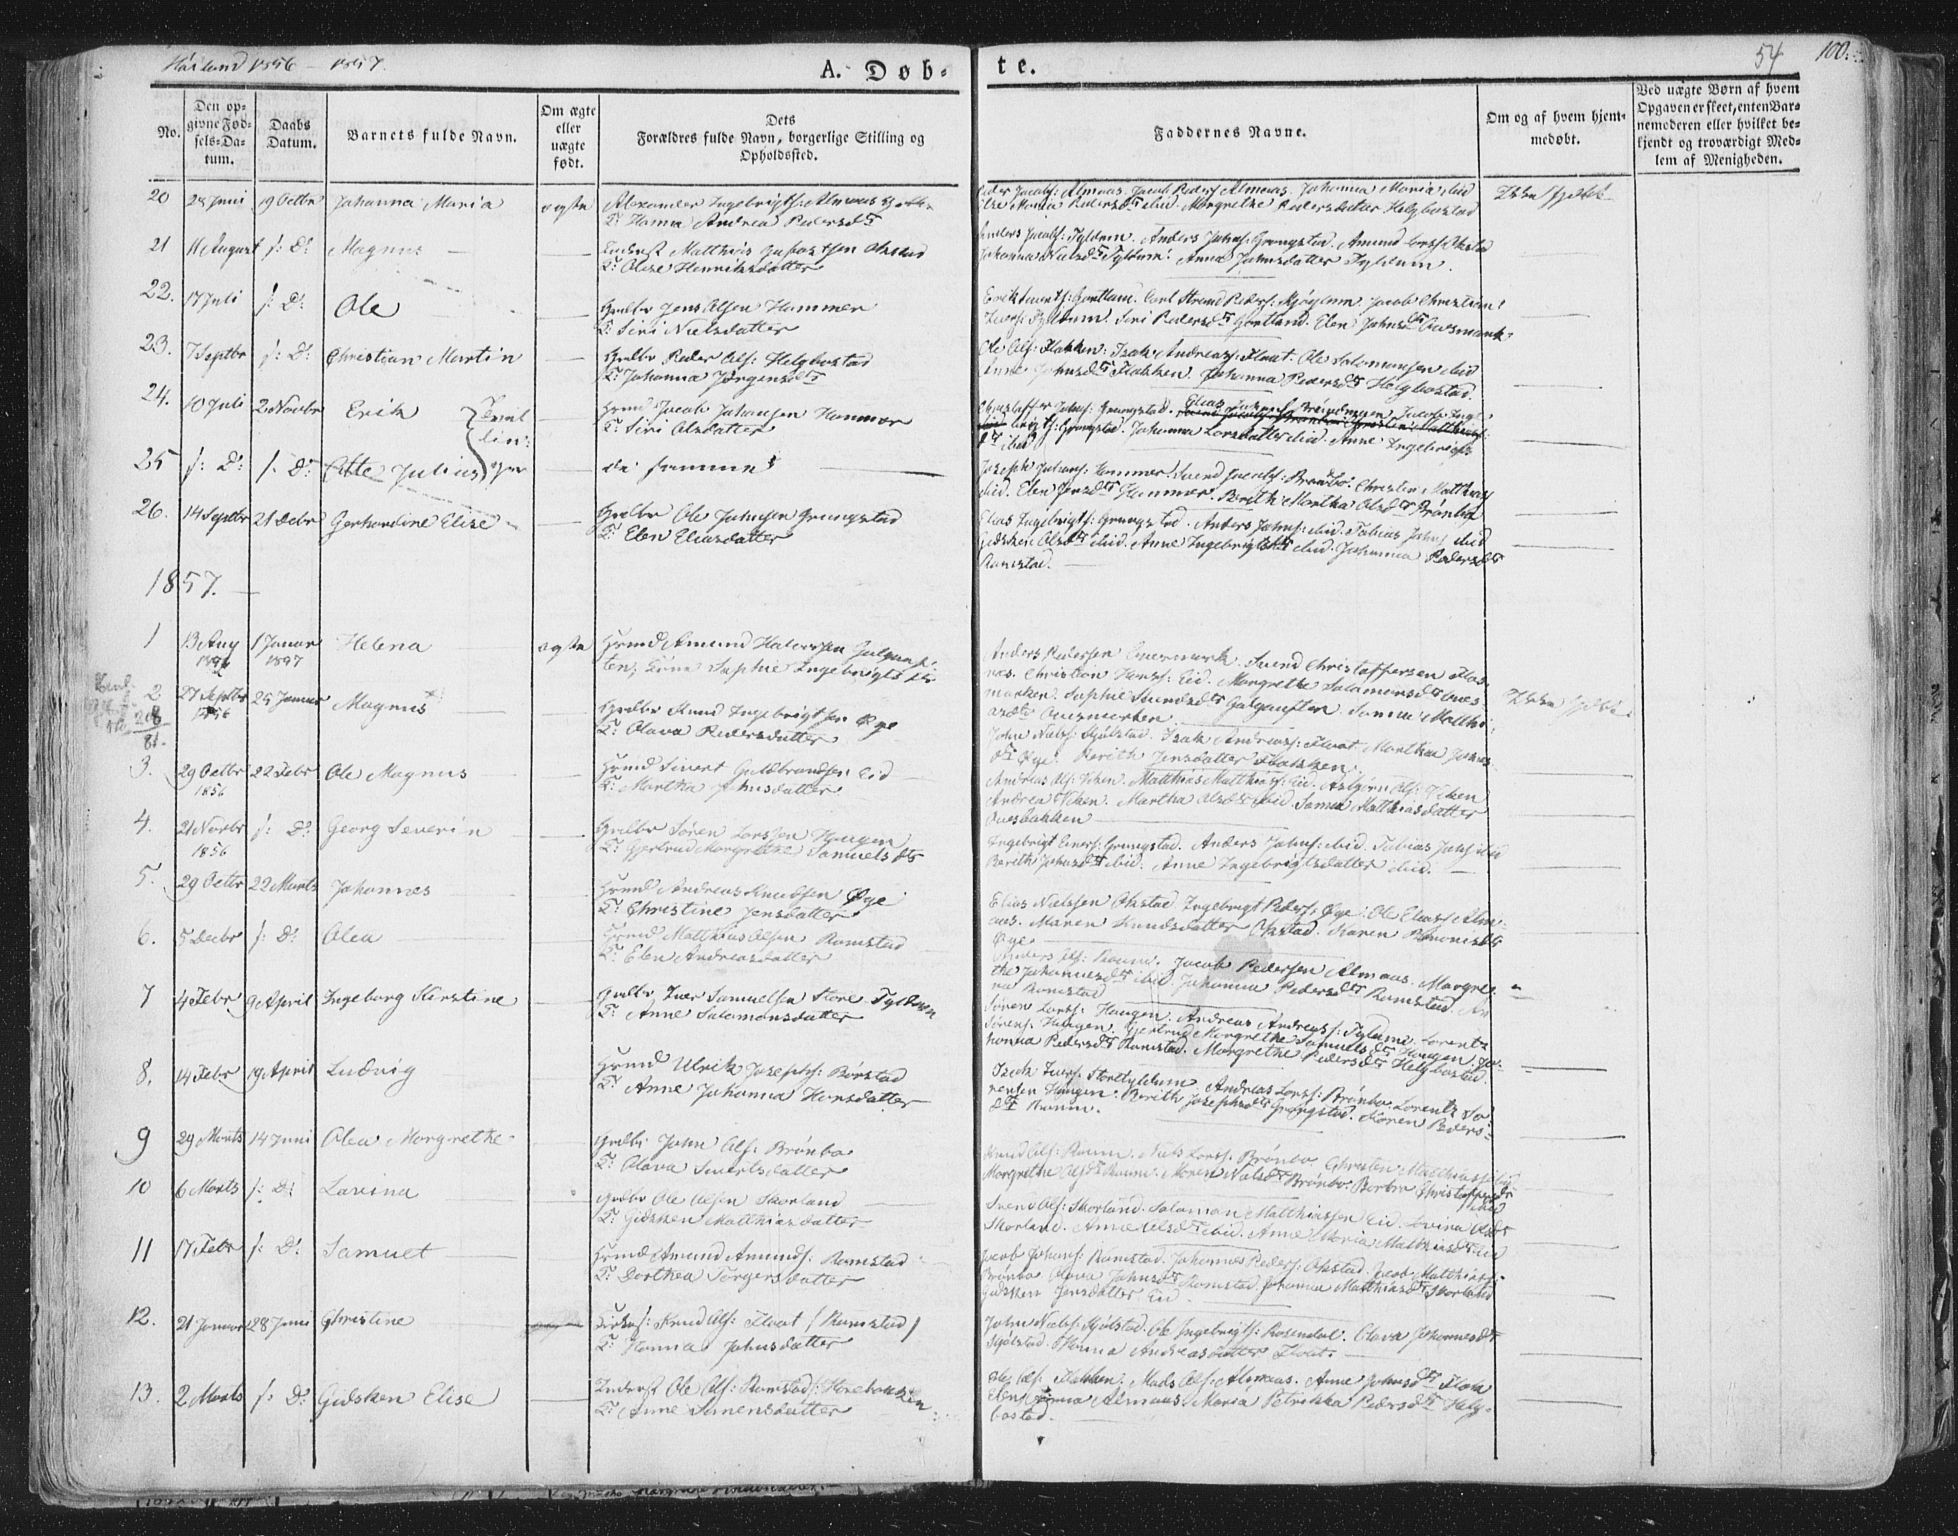 SAT, Ministerialprotokoller, klokkerbøker og fødselsregistre - Nord-Trøndelag, 758/L0513: Ministerialbok nr. 758A02 /2, 1839-1868, s. 54